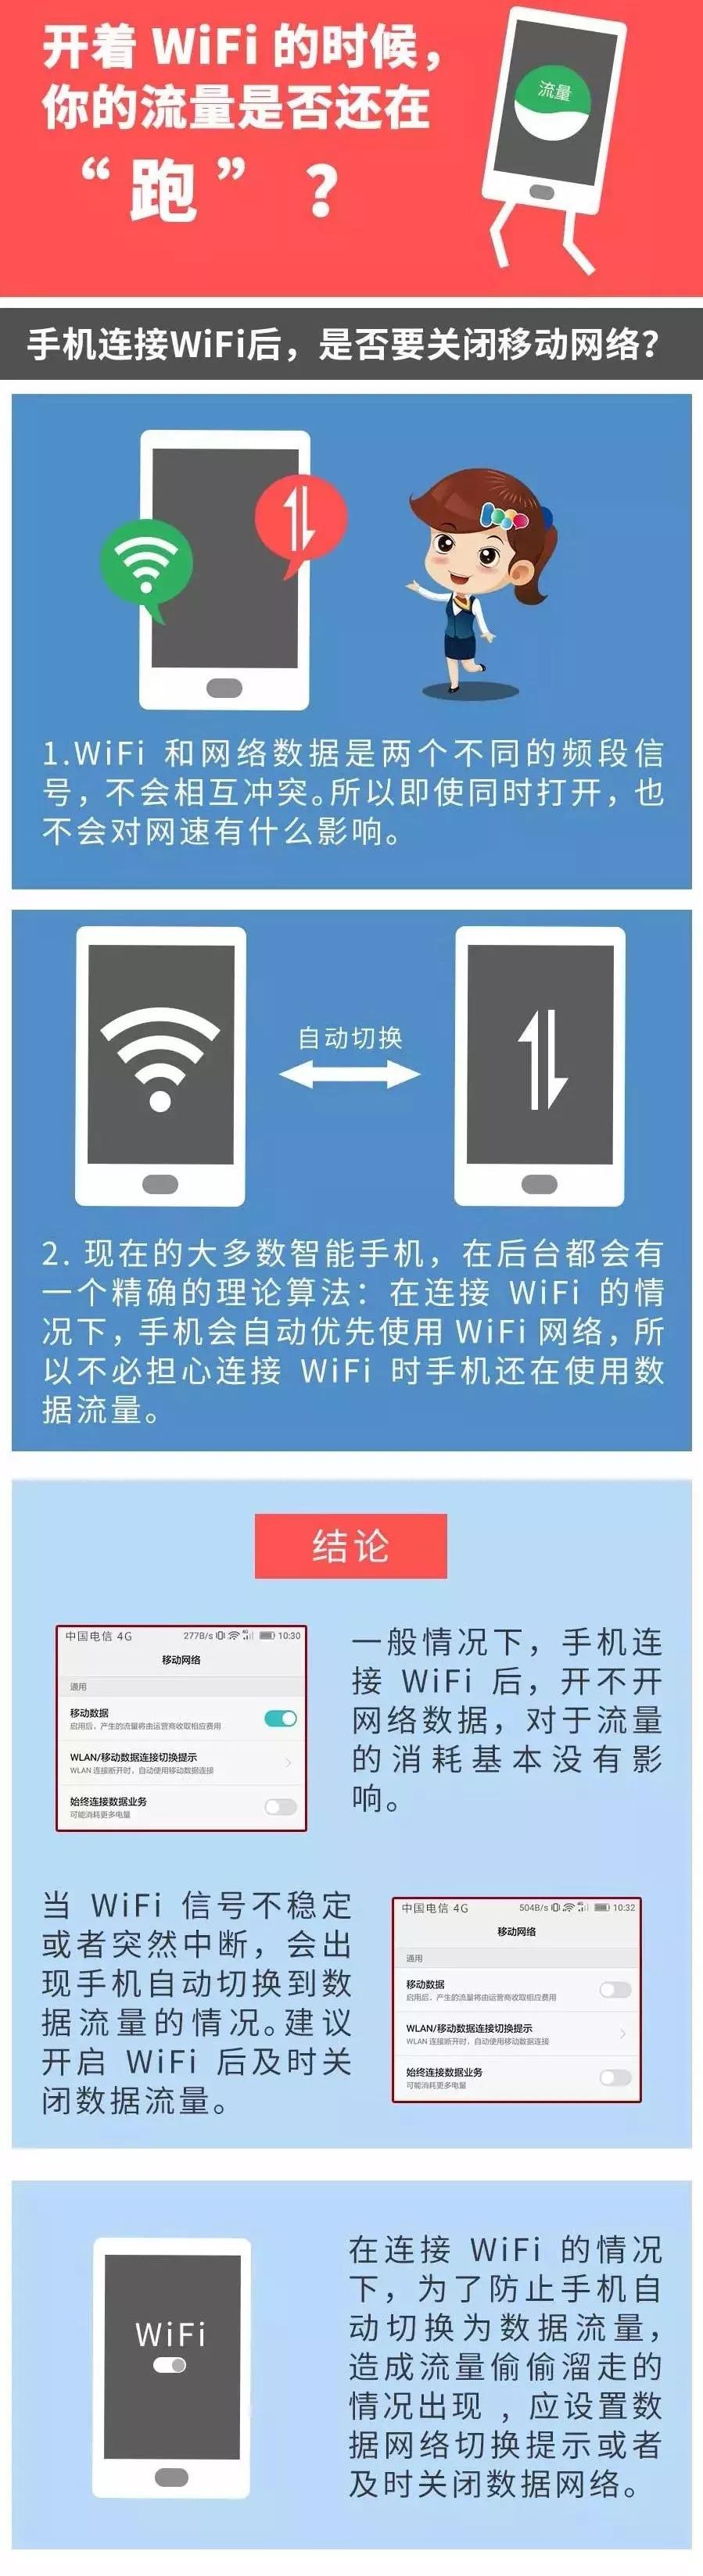 必赢56net手机版 2